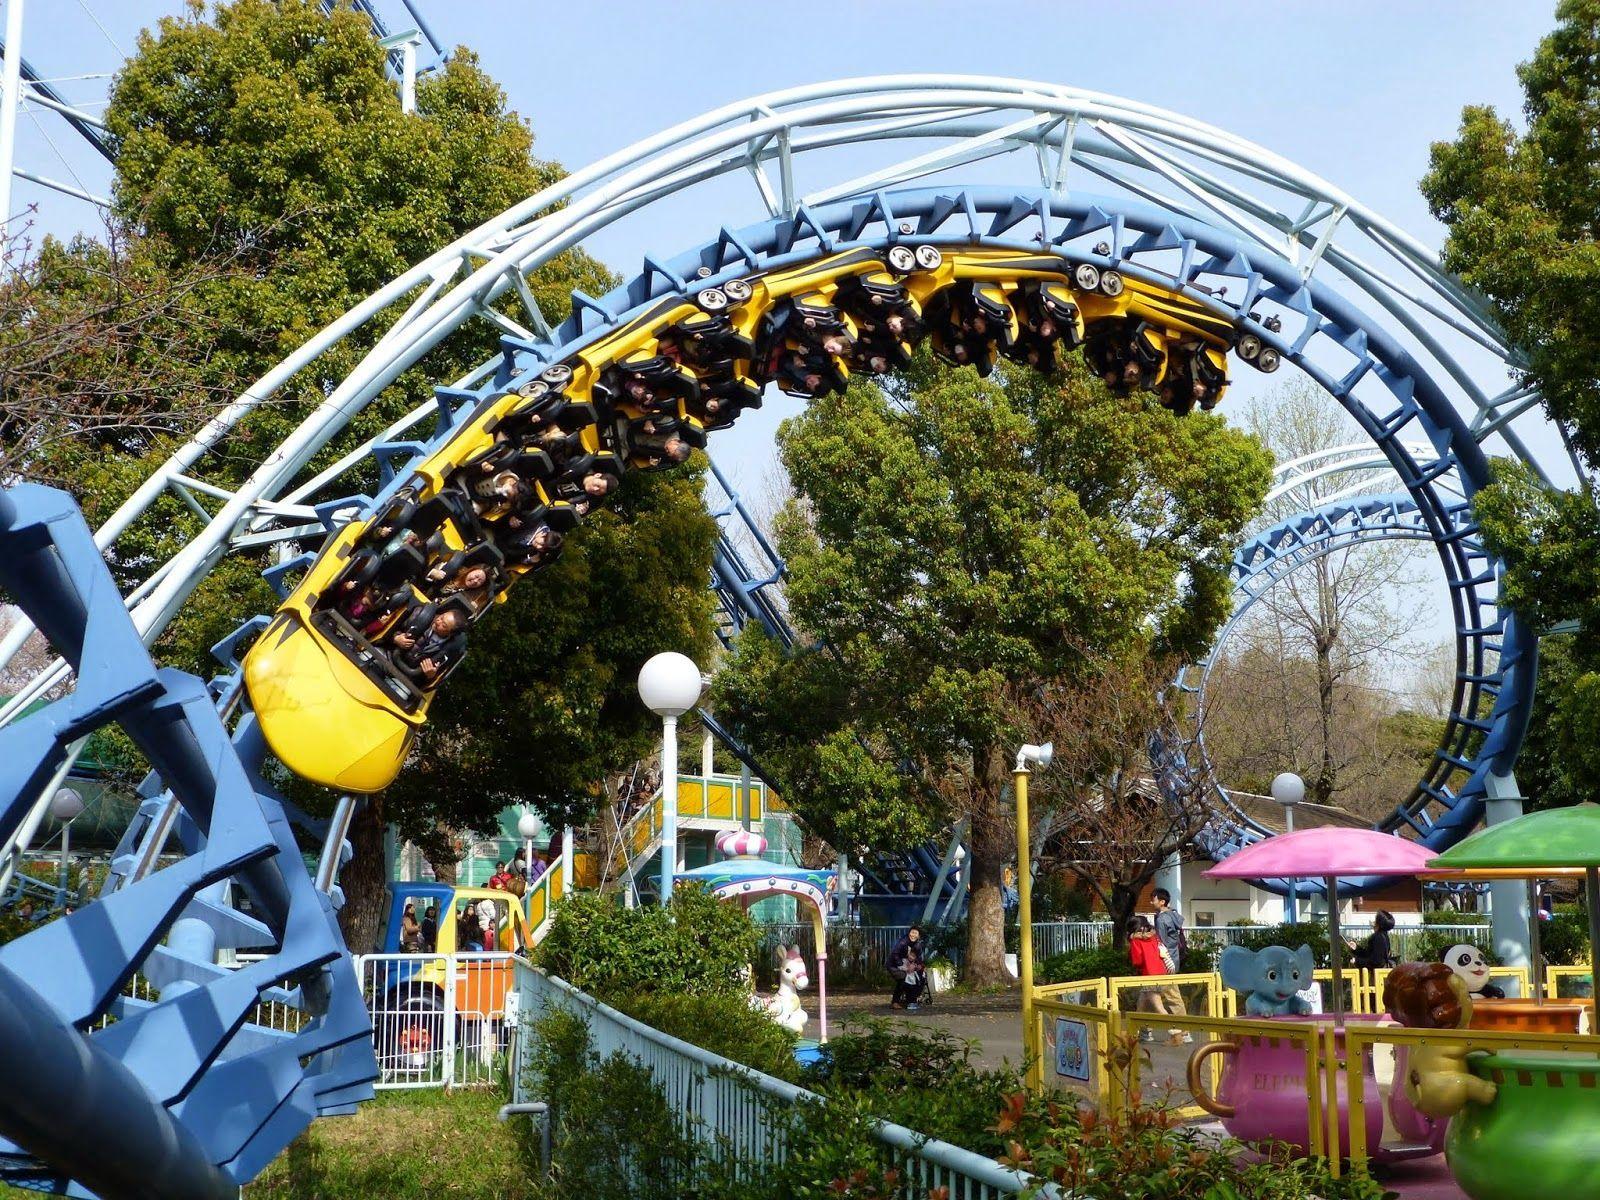 7 Taman Hiburan yang Nggak Terkenal tapi Menarik untuk Dikunjungi